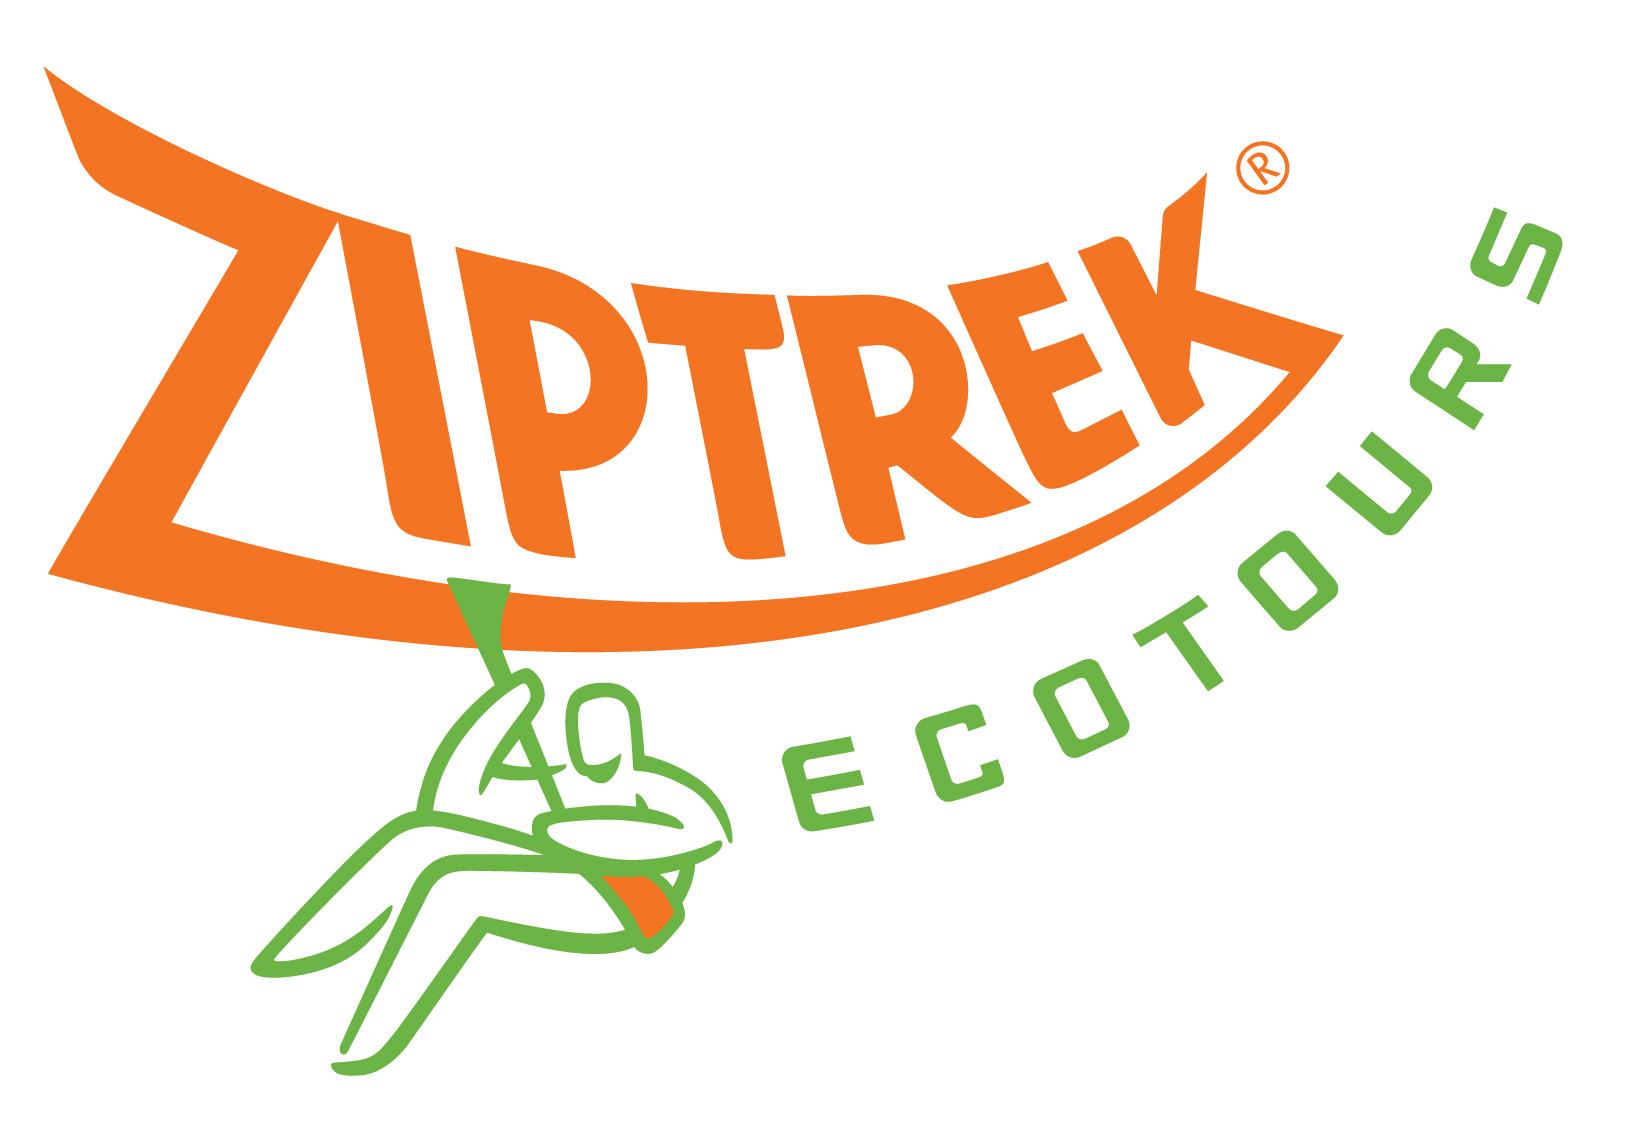 Ziptrek Ecotours Logo - RGB - Large.jpg